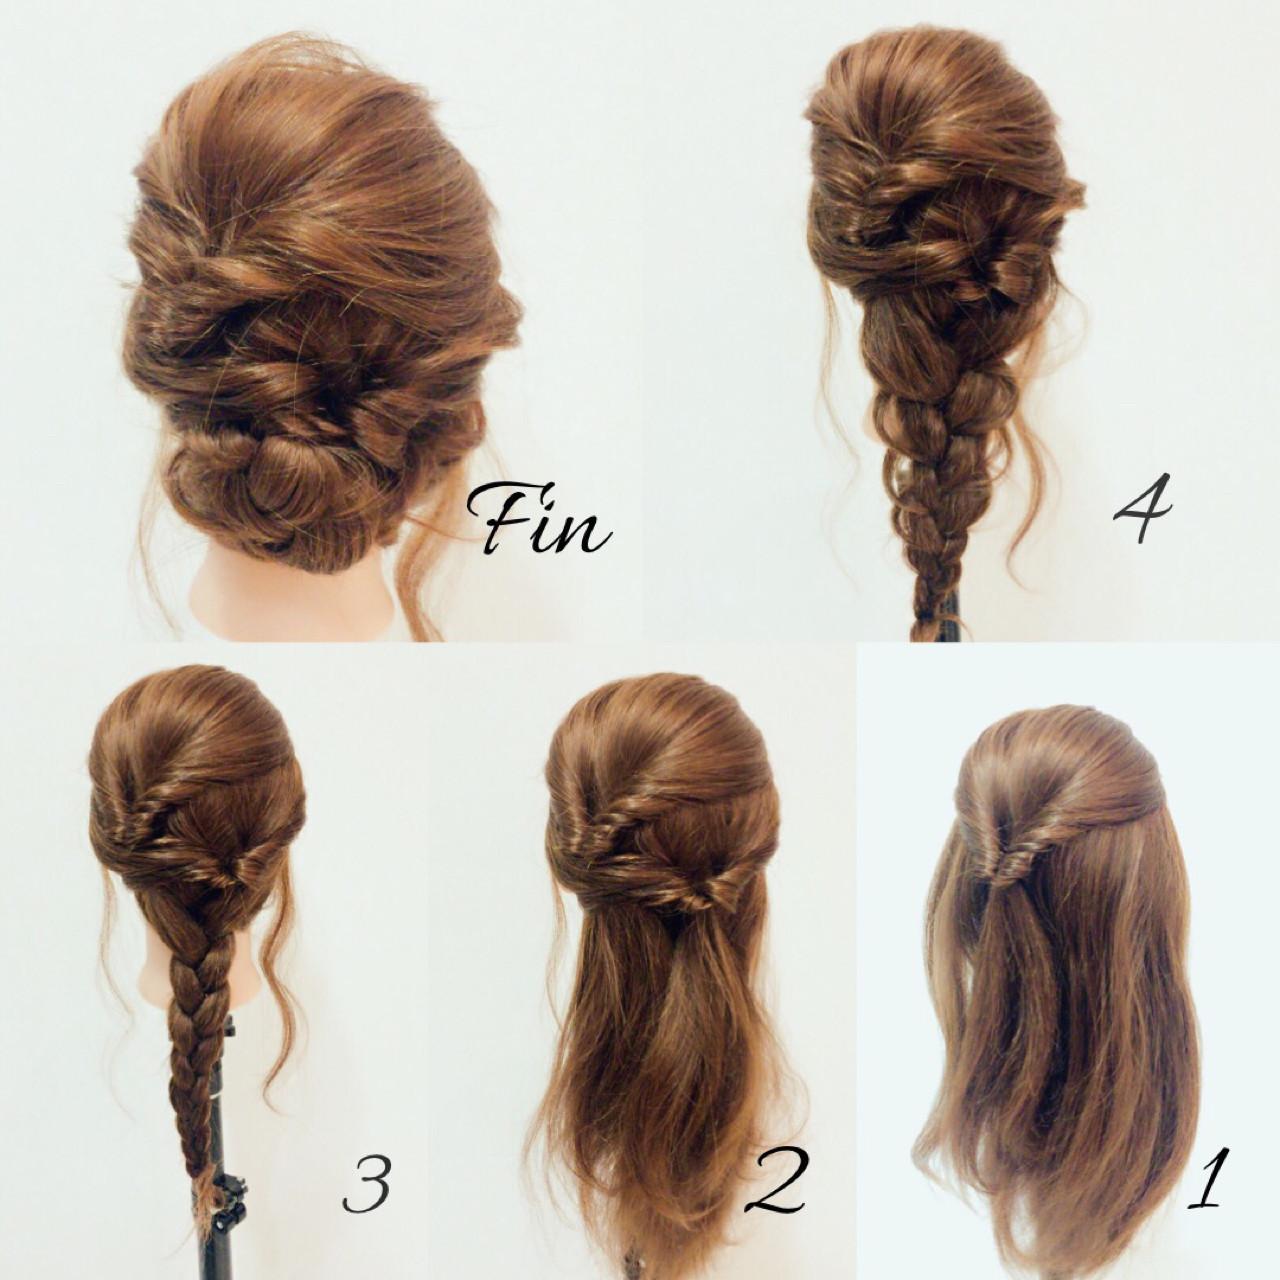 簡単なのに超かわいい♡くるりんぱを使った女子力高めな髪型アレンジ 中村香奈子  匠forhair